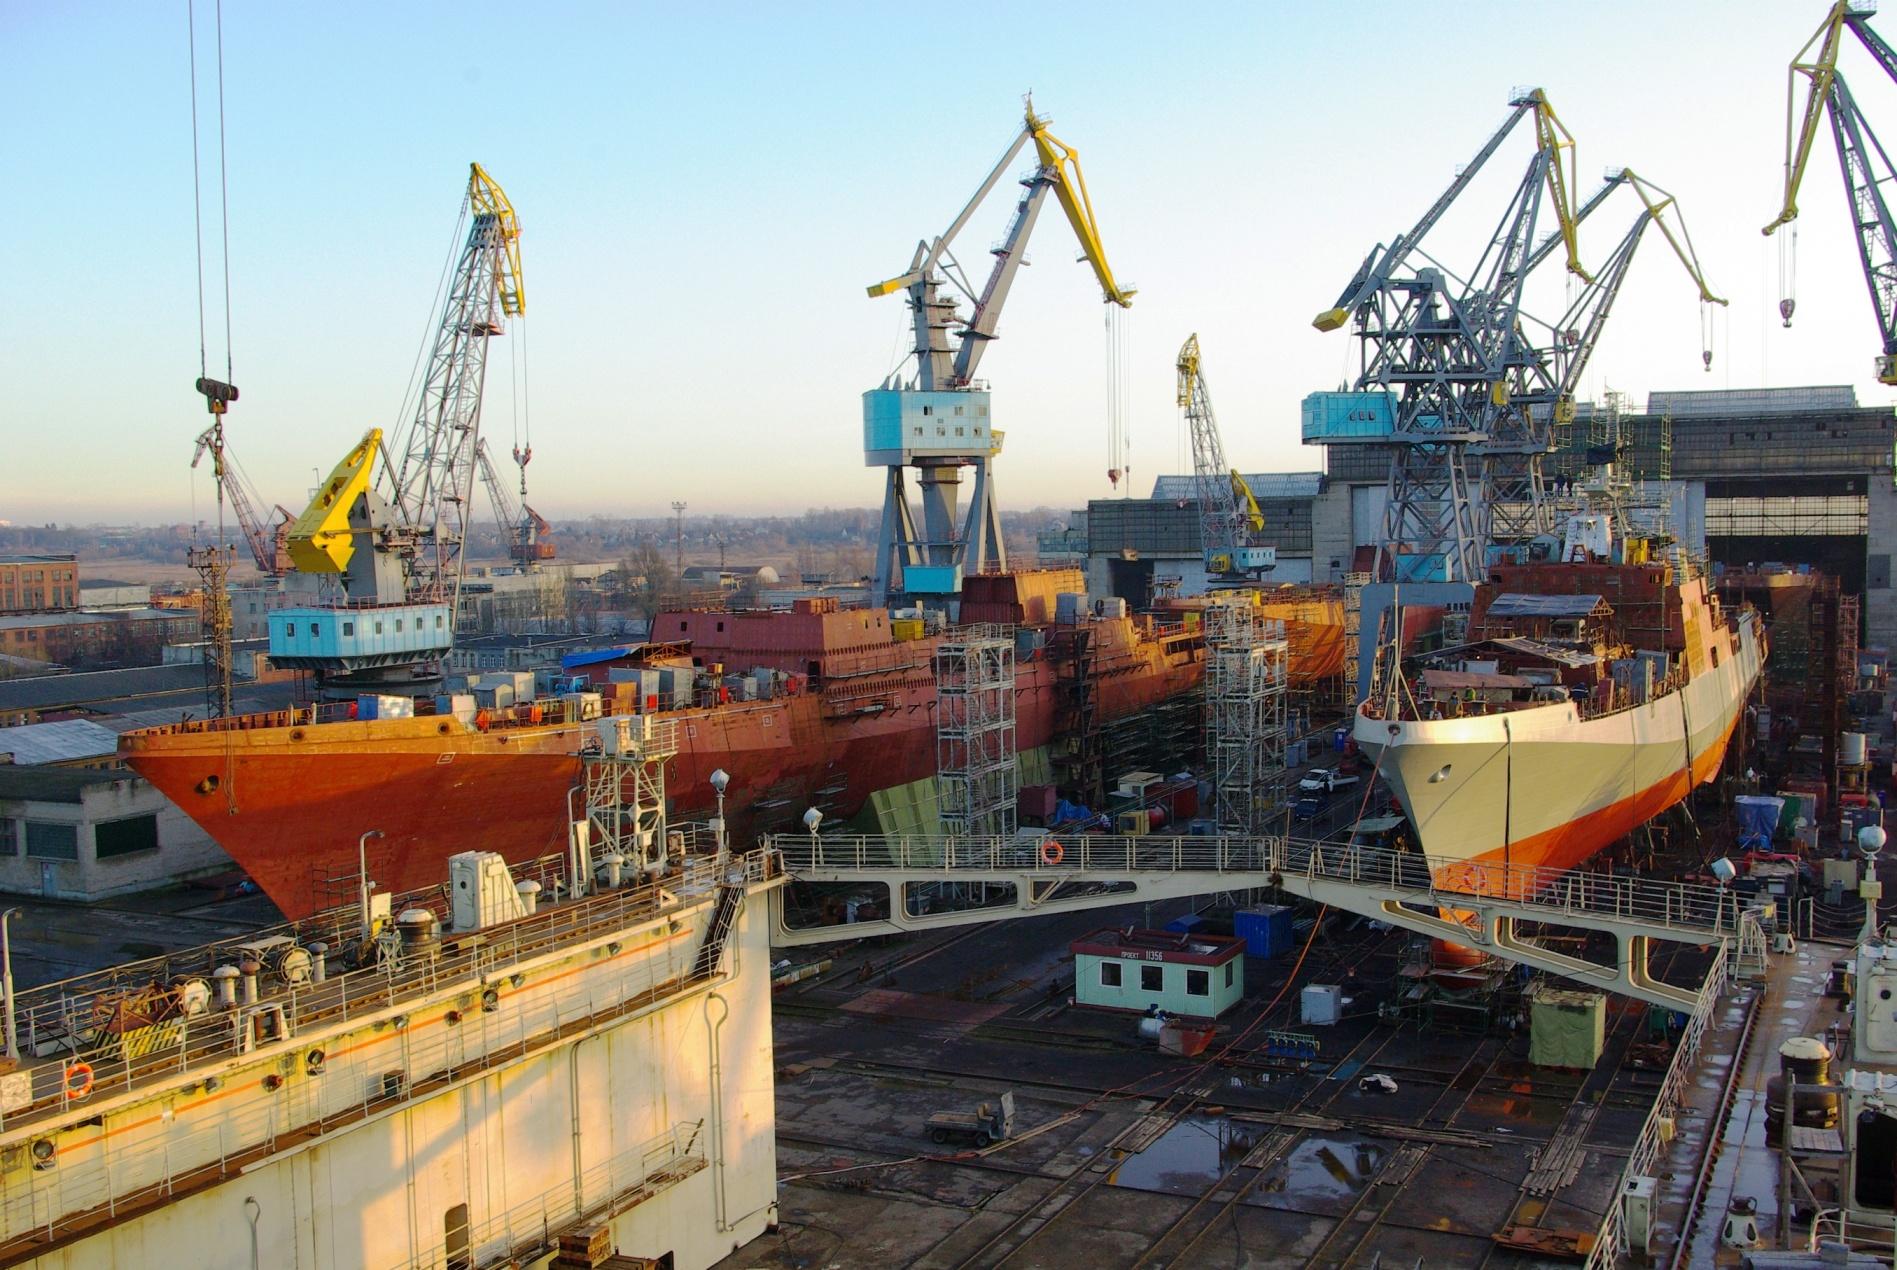 Санкт-Петербург и Туркменистан Расширят Сотрудничество в Сфере Судостроения